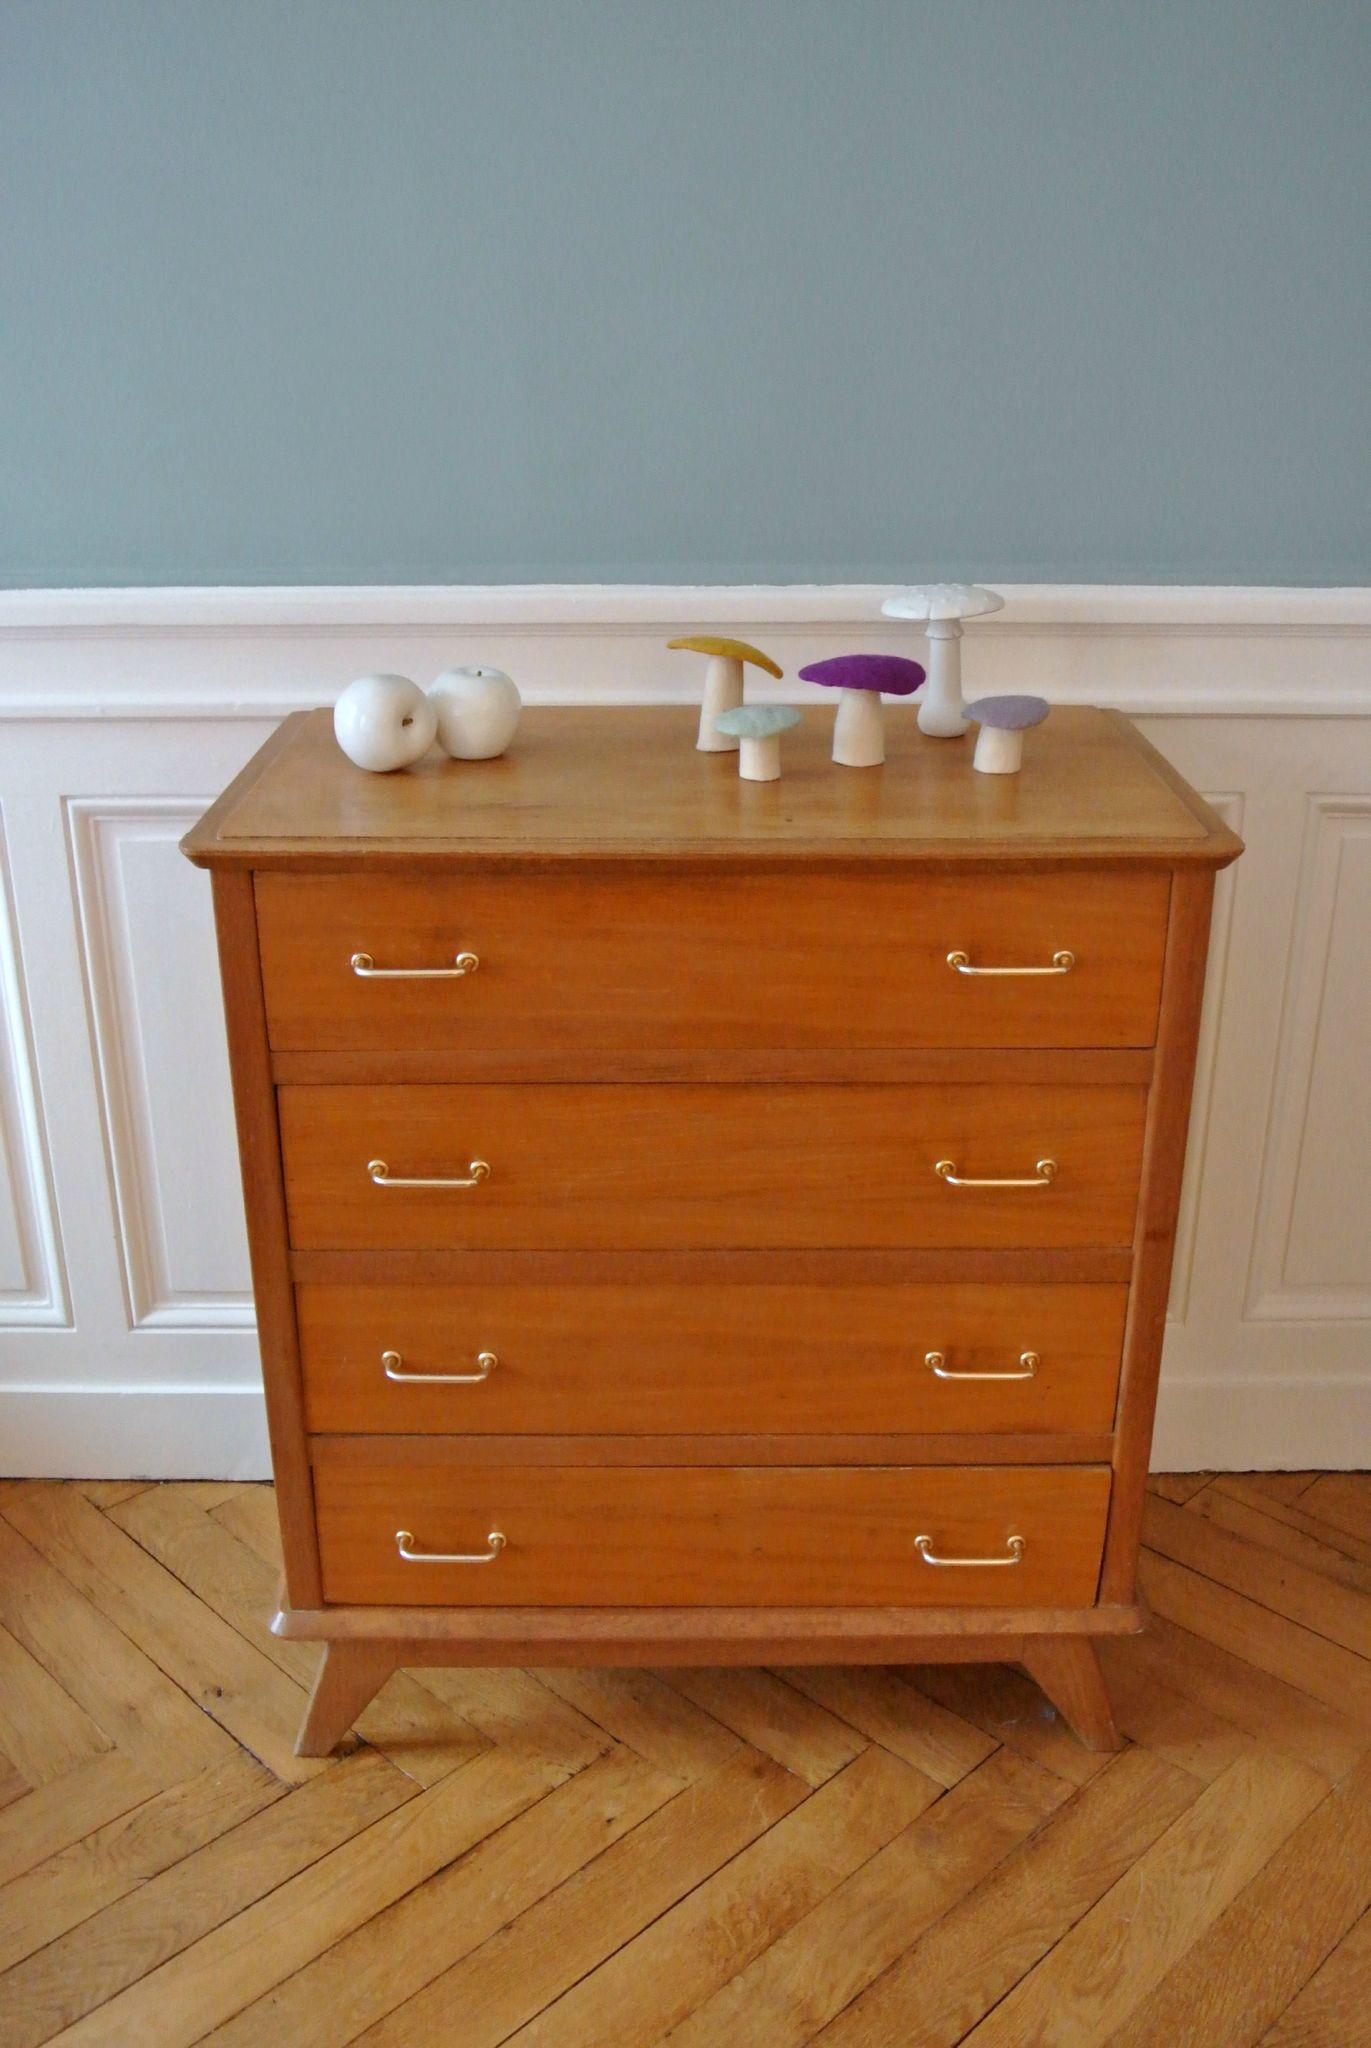 commode en ch ne des ann es 50 solveig vintage kids. Black Bedroom Furniture Sets. Home Design Ideas